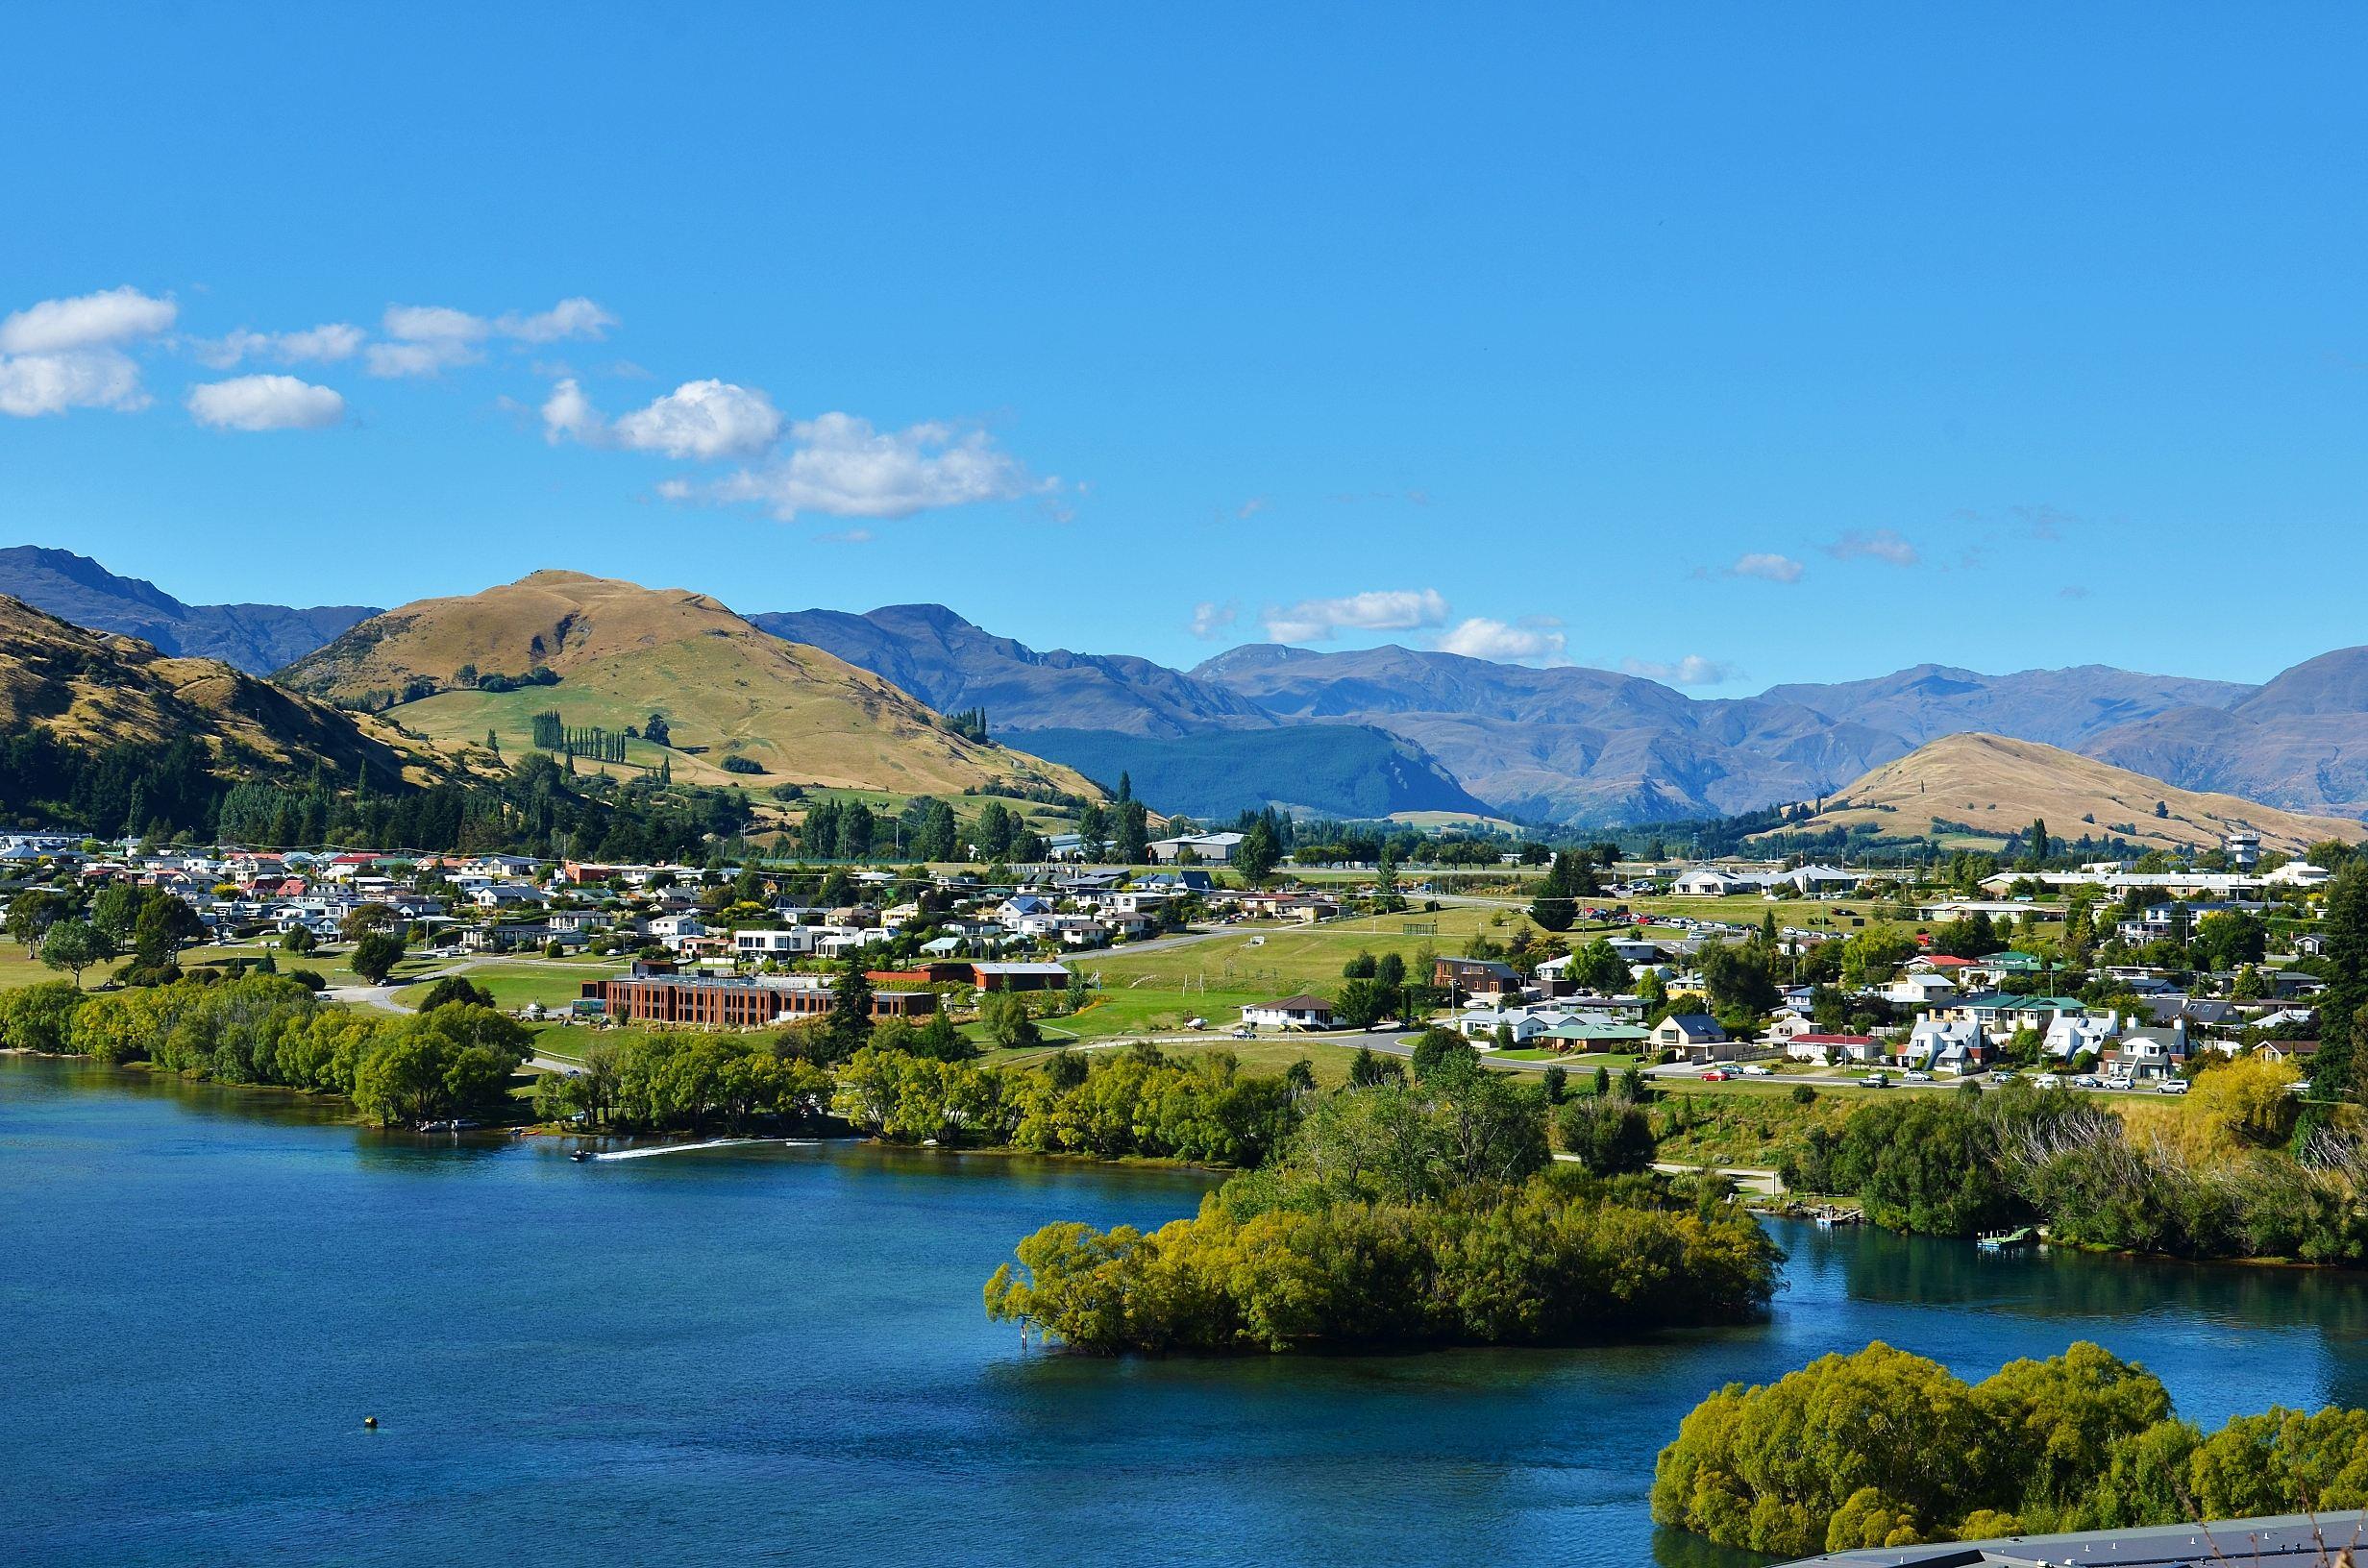 【超级甩】新西兰8日观星之旅(新西兰航空直飞